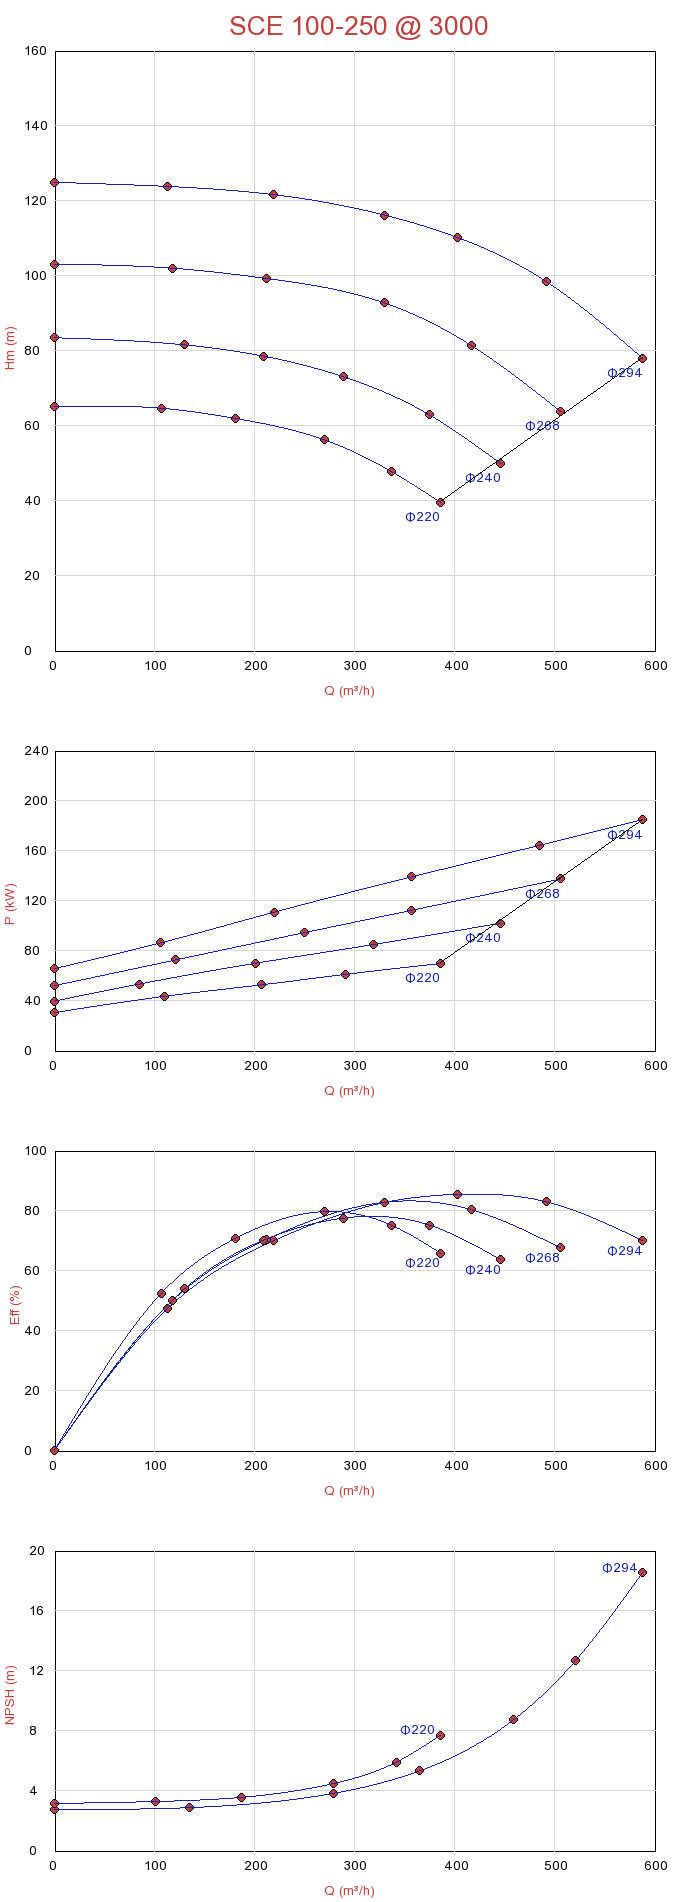 Biểu đồ lưu lượng của máy bơm nước ly tâm hút đôi Sempa SCE 100-250